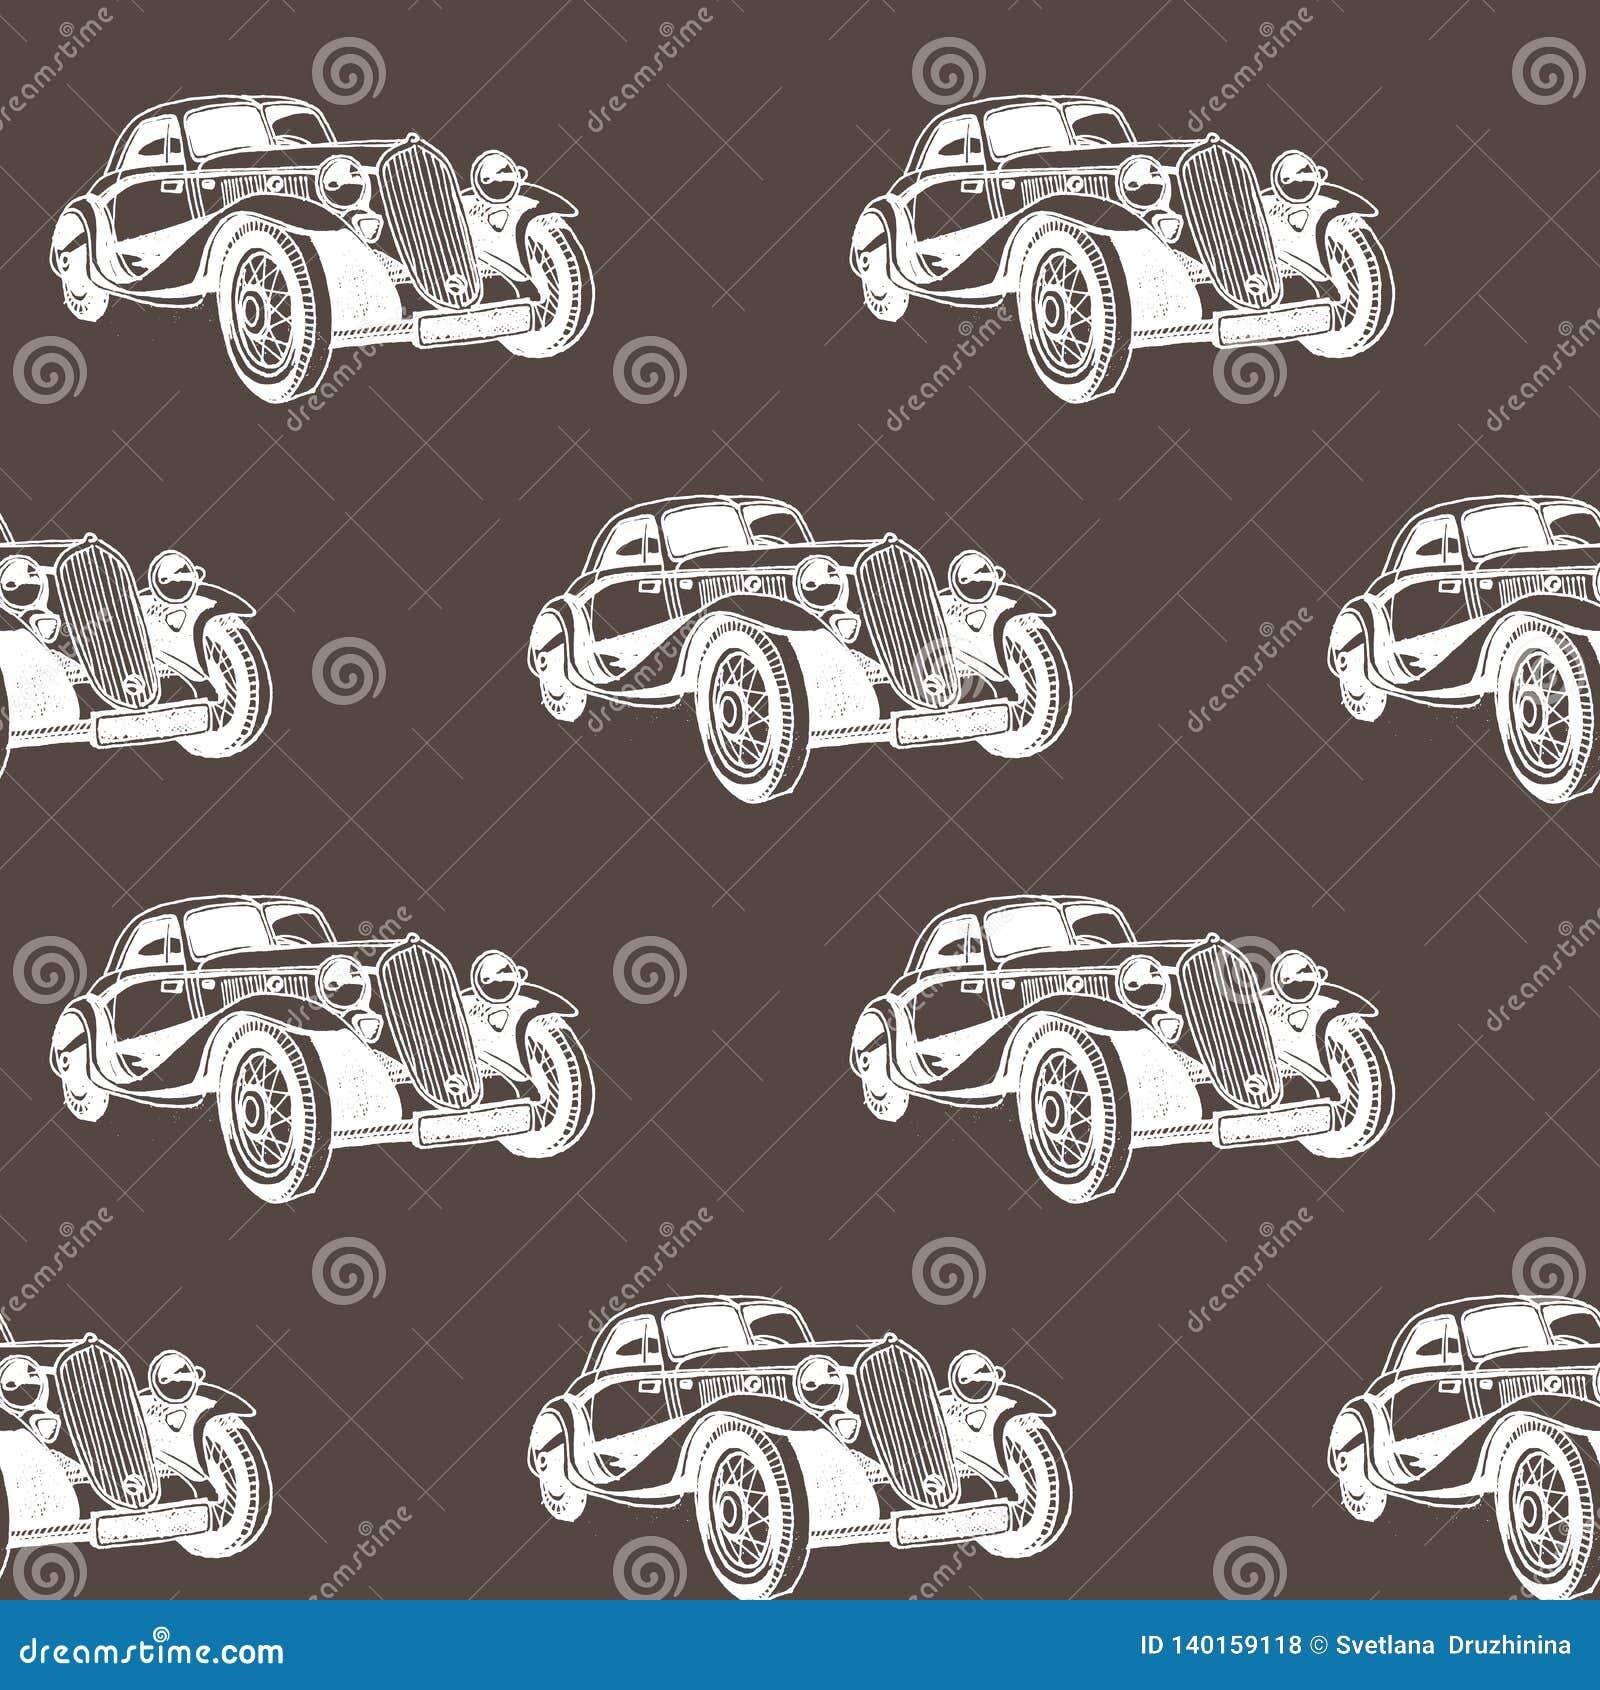 Συρμένο χέρι doodle άνευ ραφής σχέδιο αυτοκινήτων κινούμενων σχεδίων Ταπετσαρία για το αγοράκι Σκίτσο μεταφορών